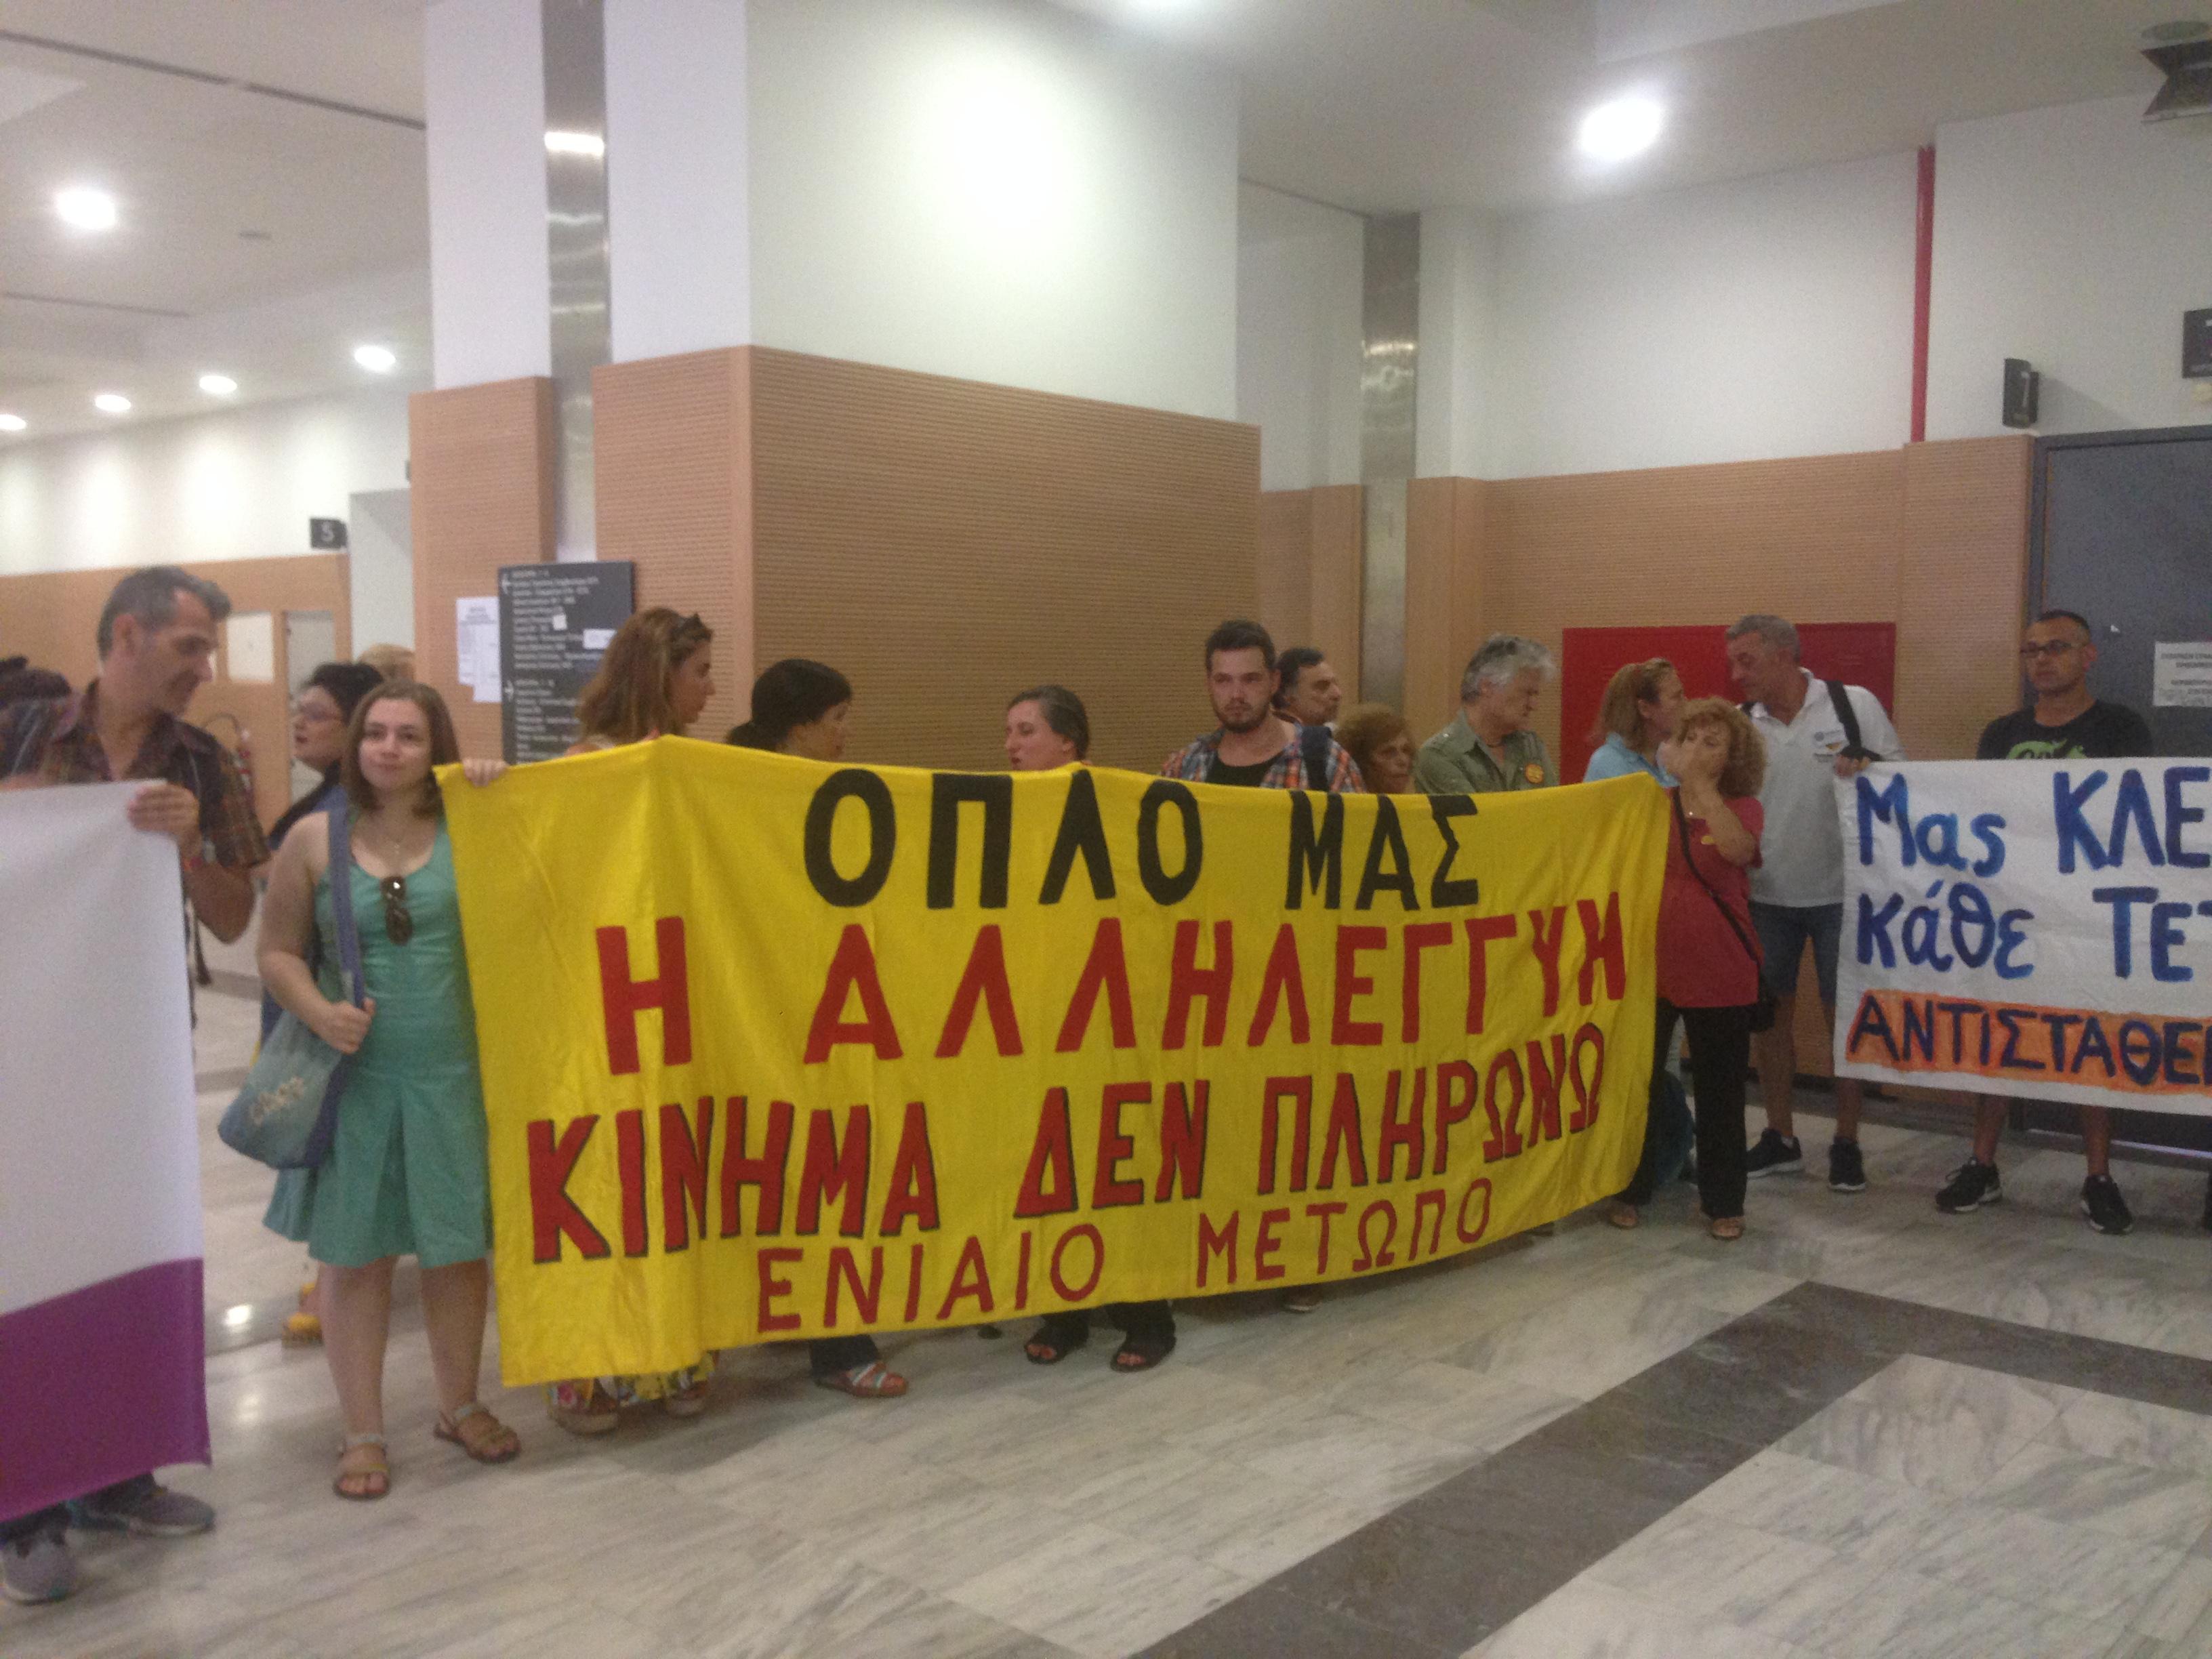 Πλειστηριασμοί: Έδιωξαν πάλι συμβολαιογράφους από το Ειρηνοδικείο της Αθήνας - Εικόνα 0